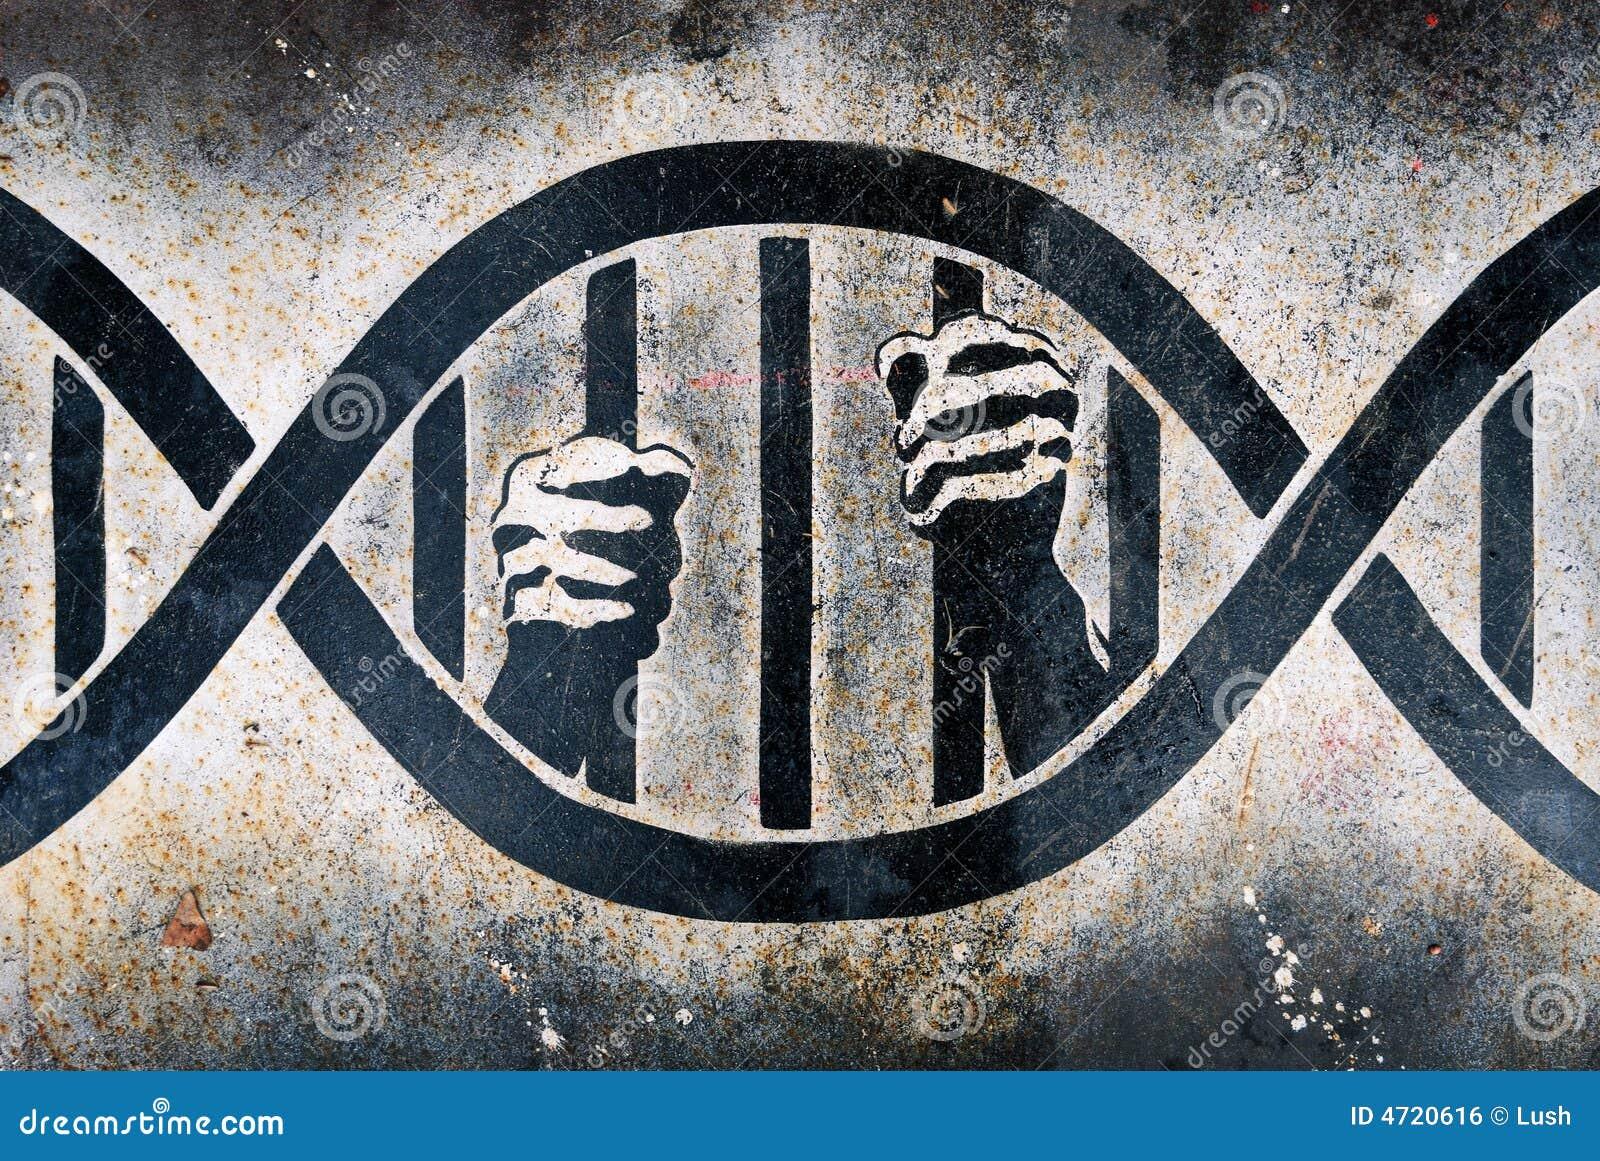 Imprisoned in DNA cage